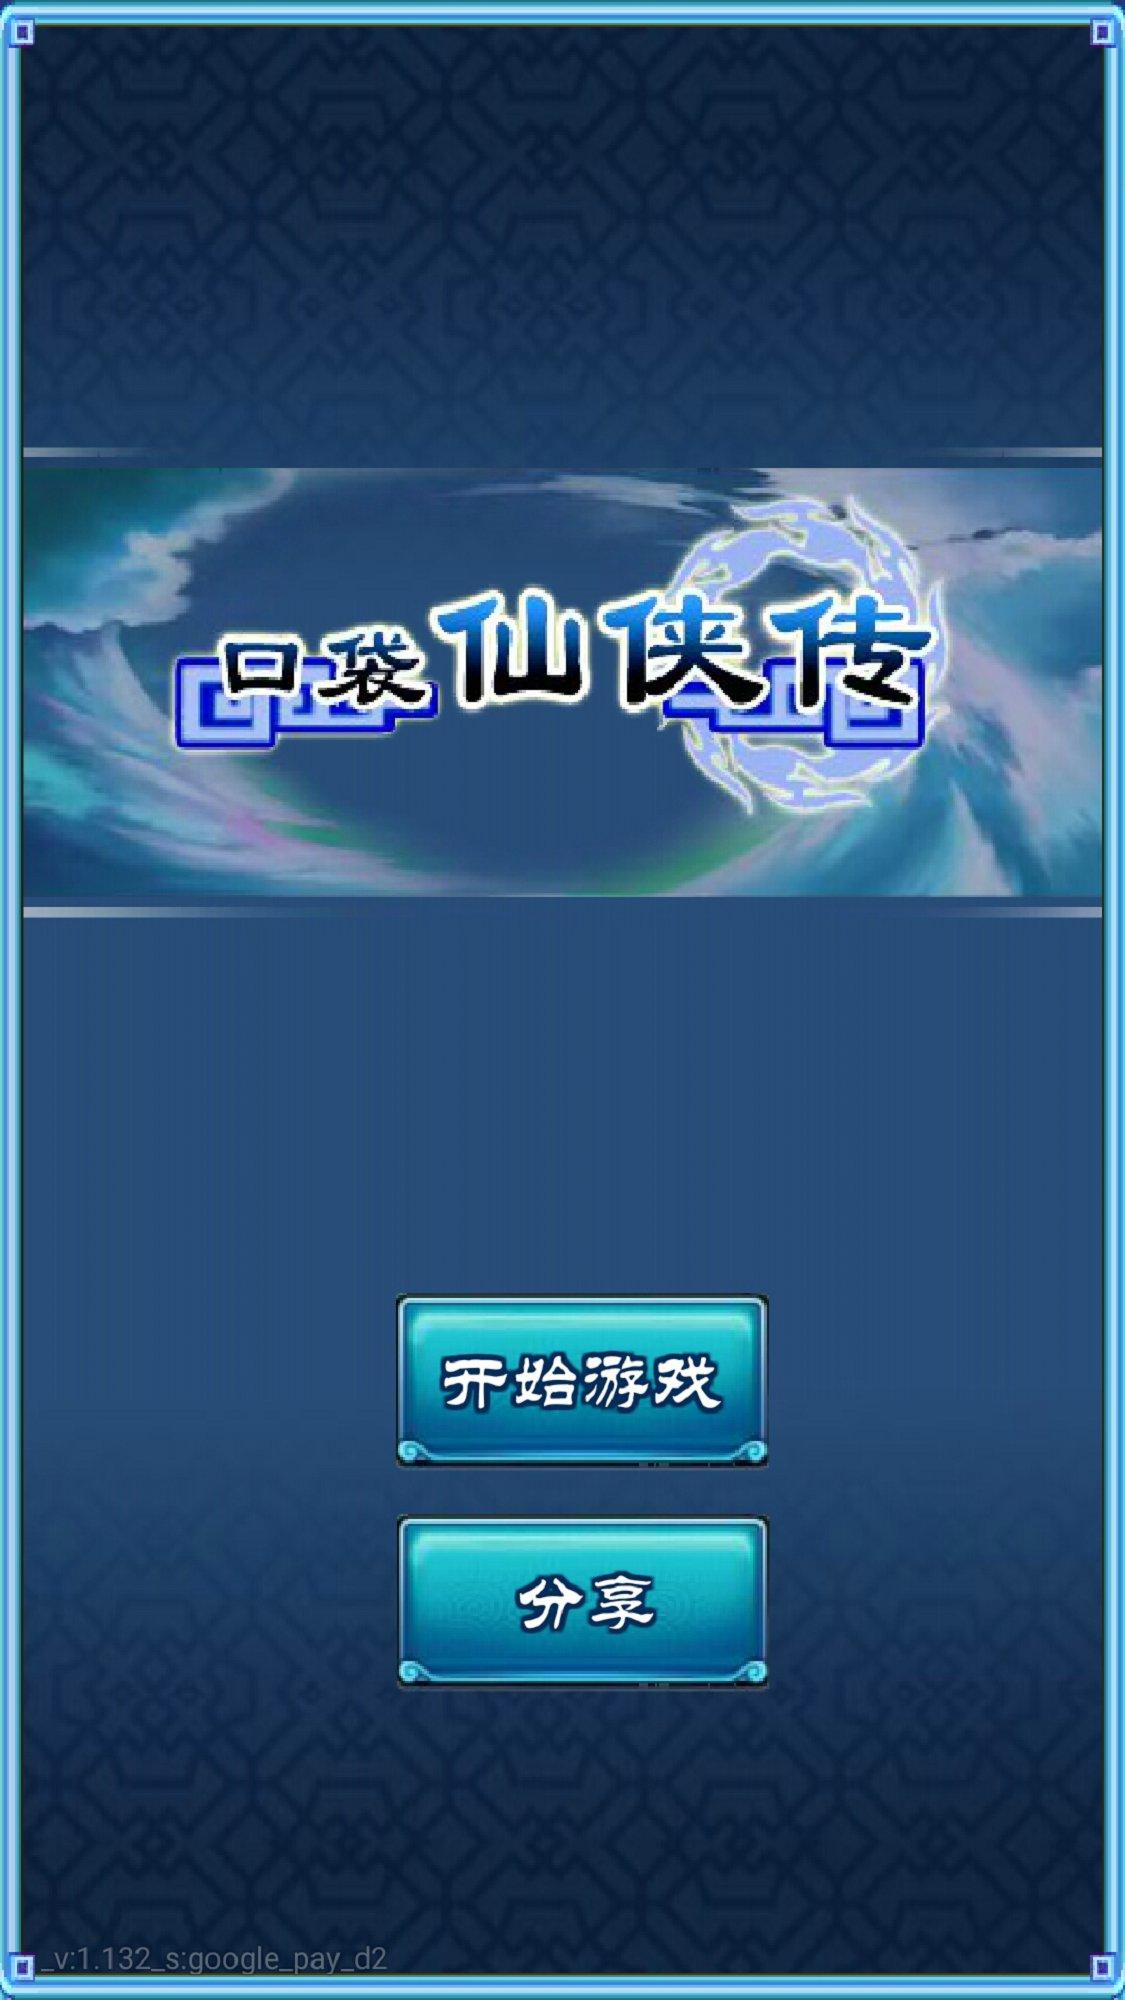 口袋仙侠传 v1.132截图